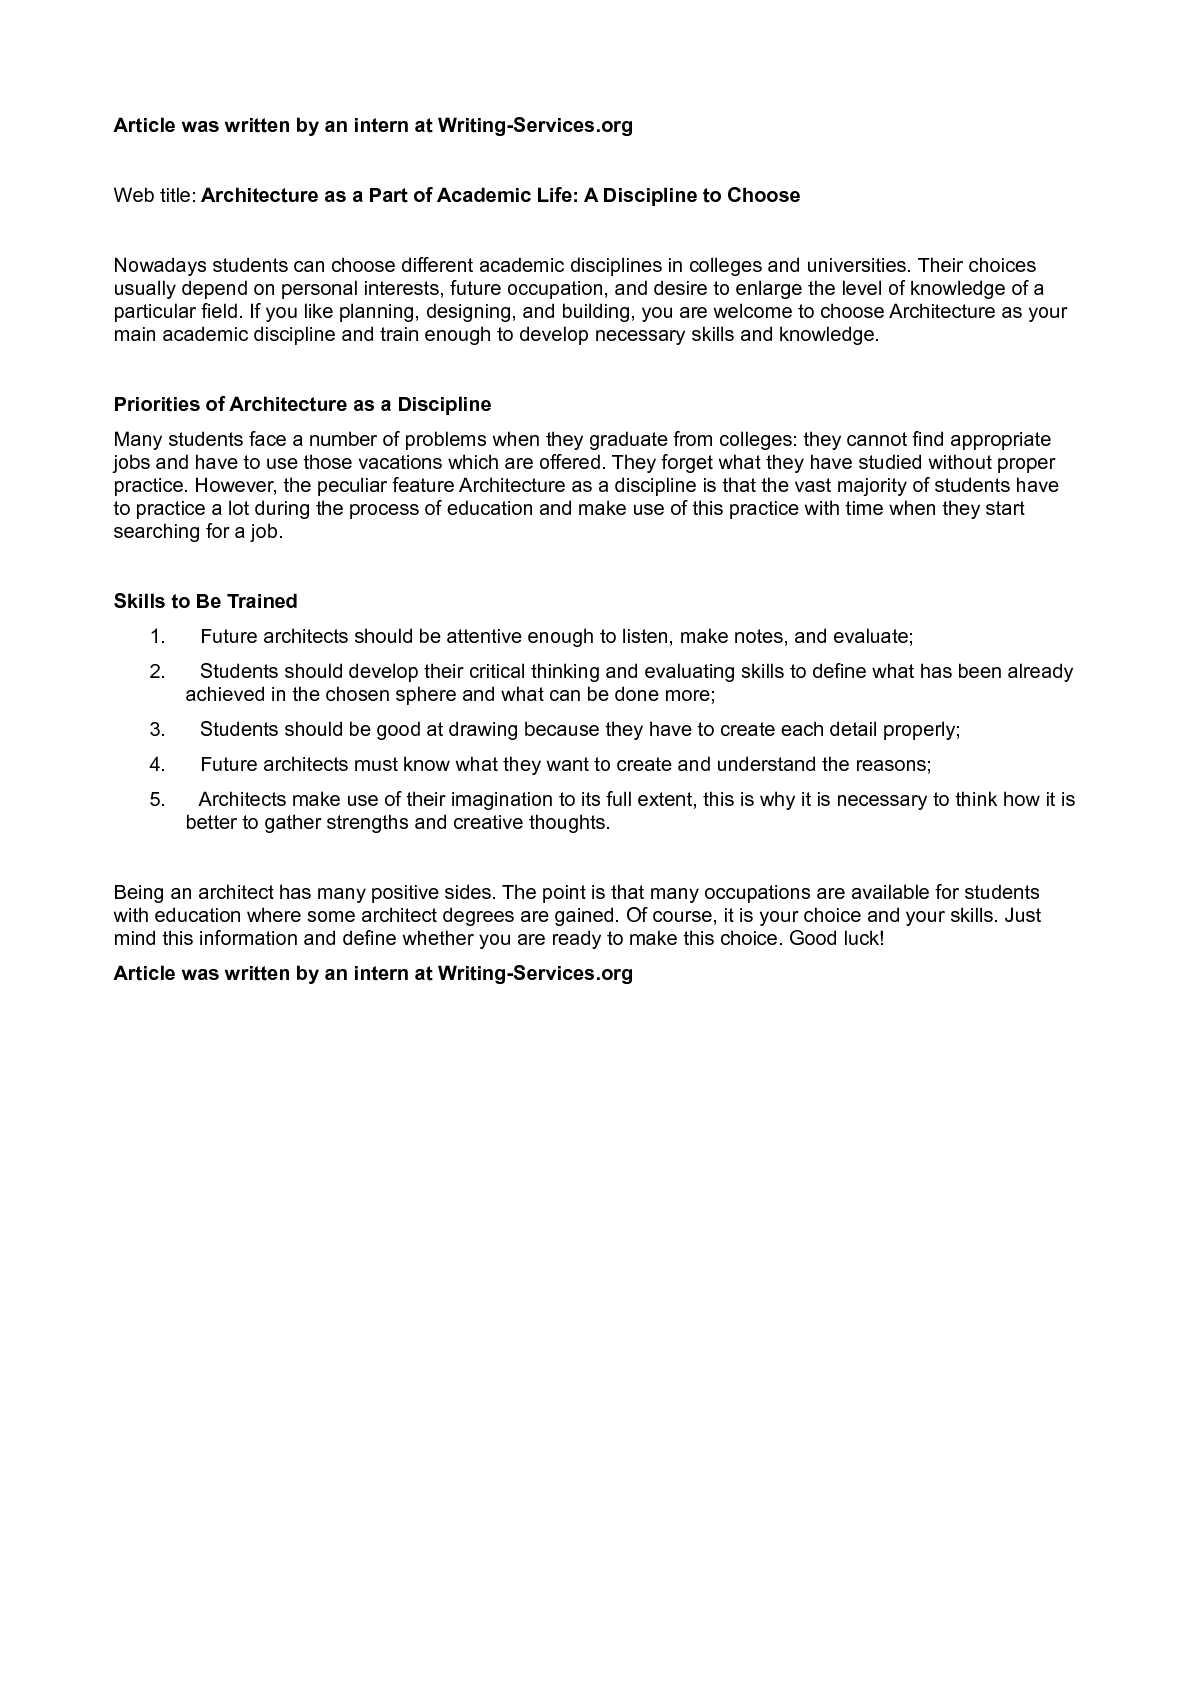 define academic discipline